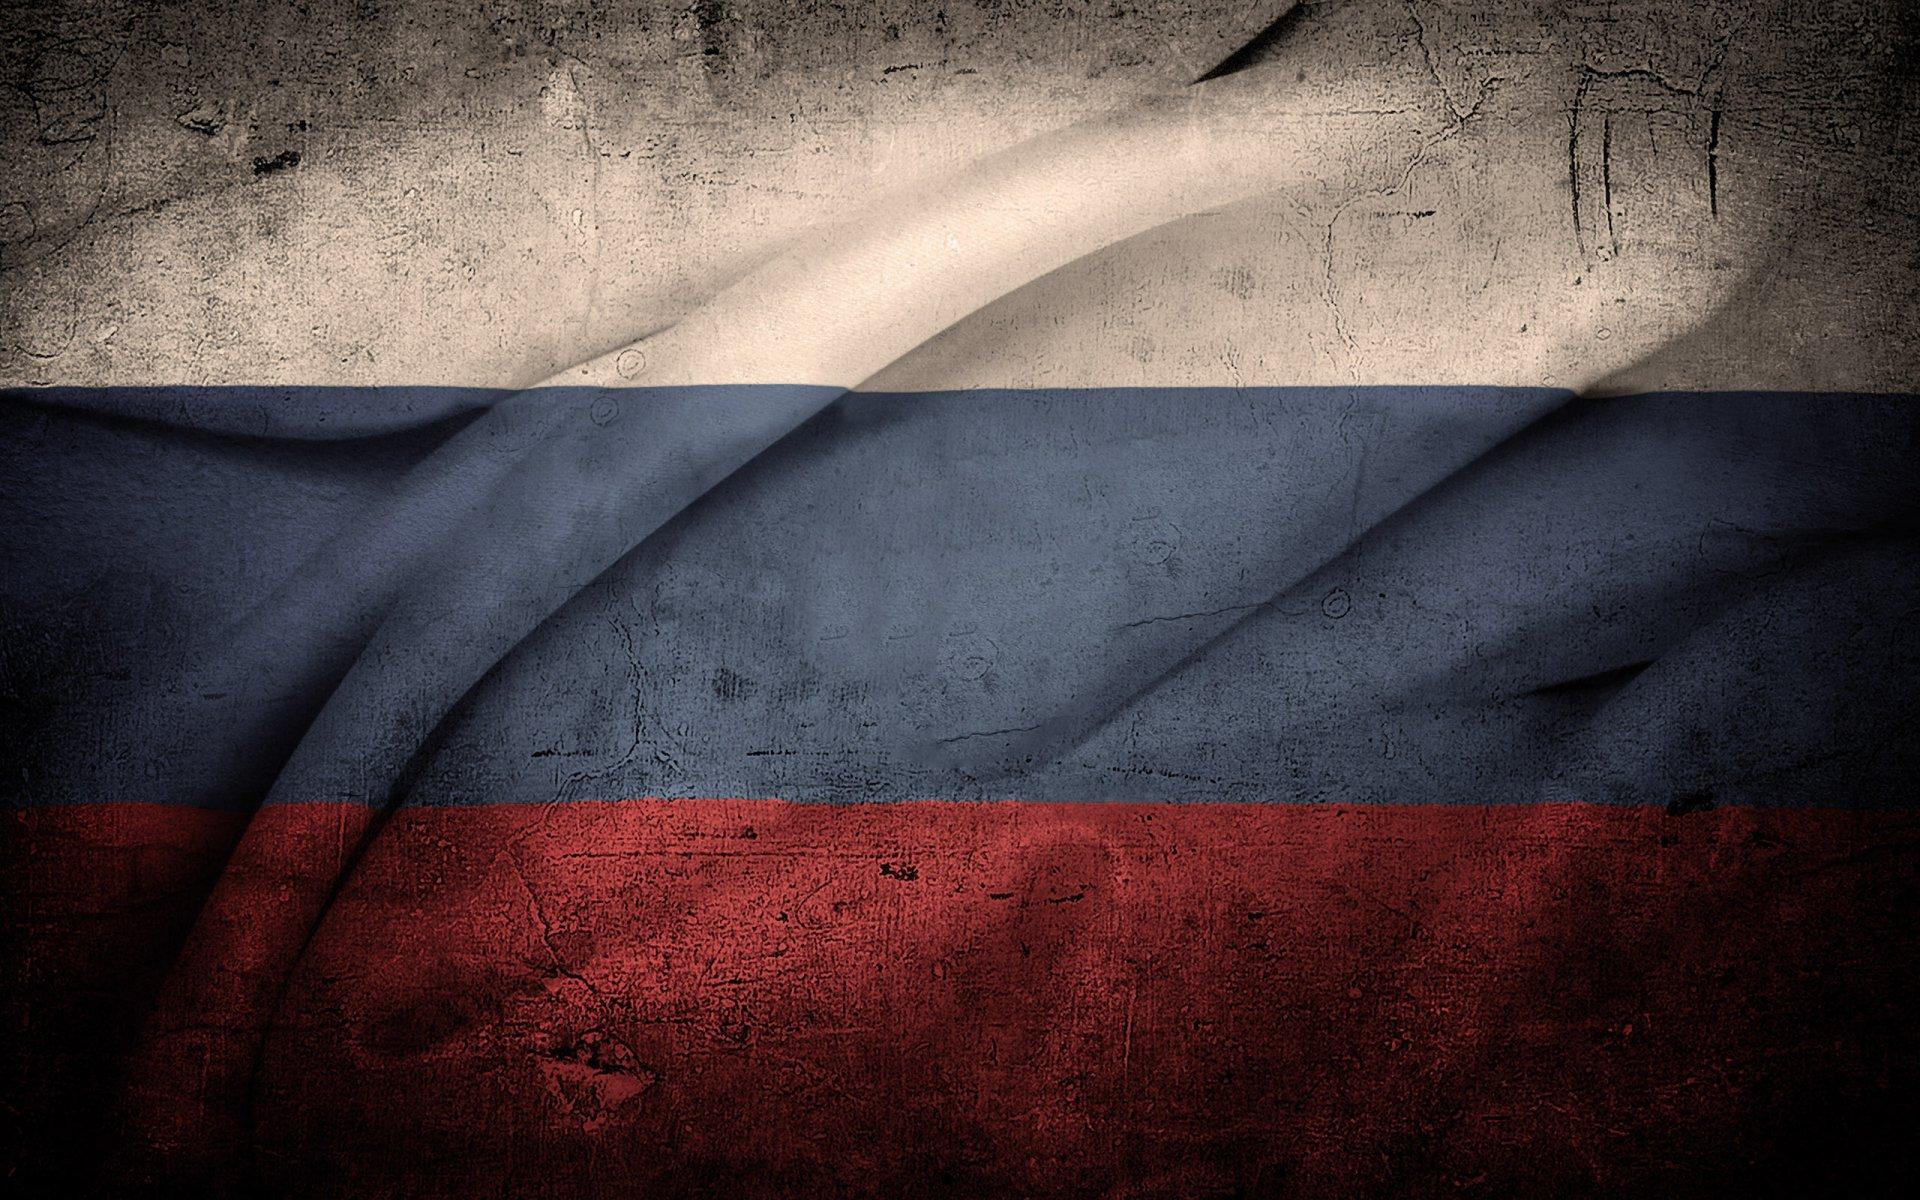 обои на телефон флаги россии кого-то она покладистая